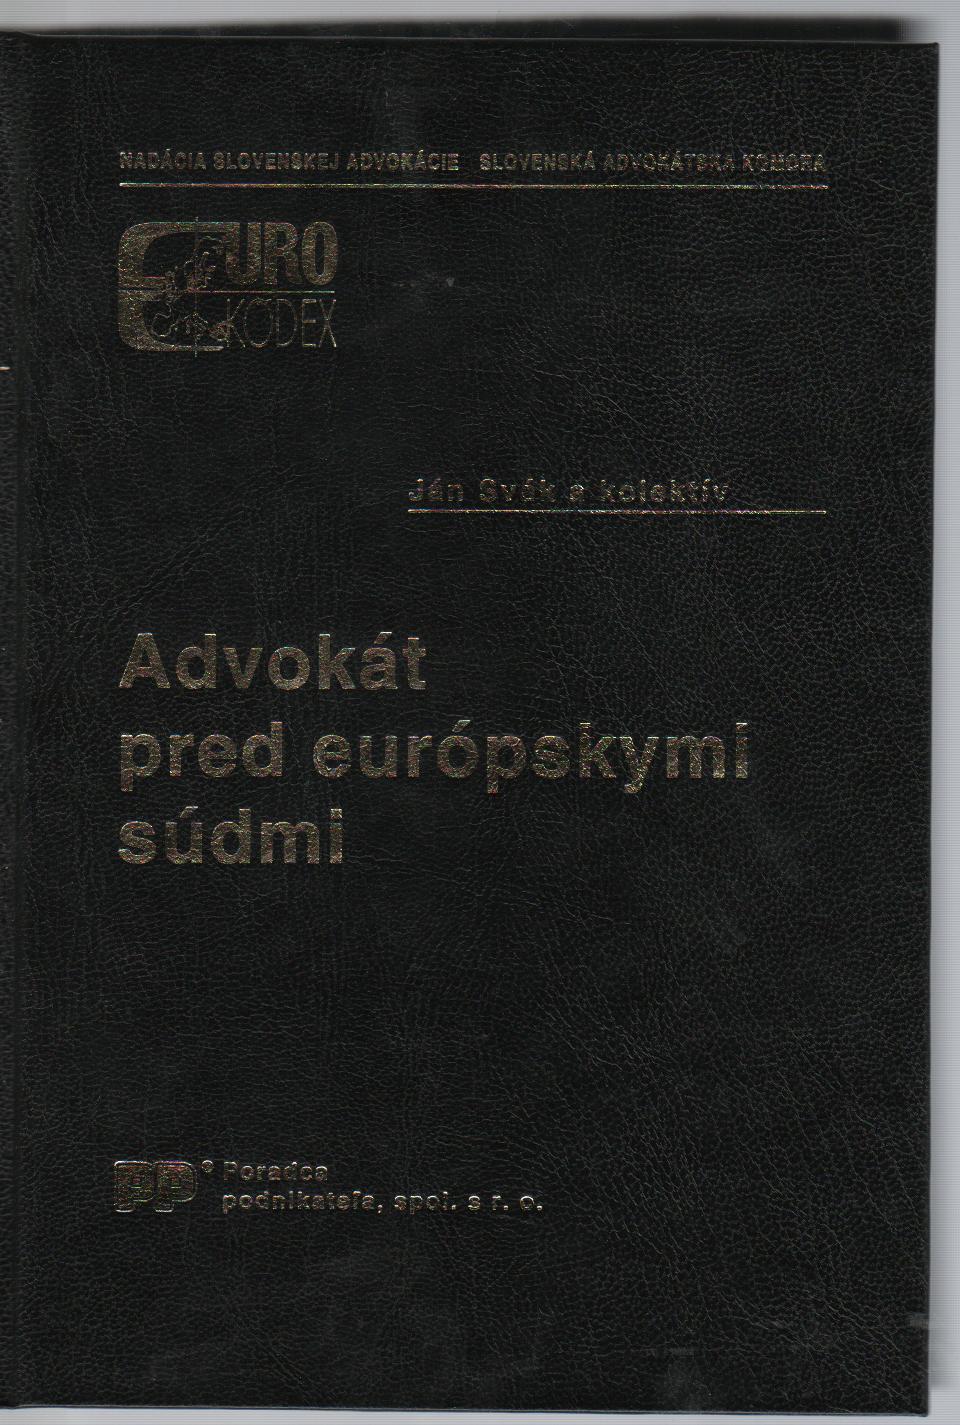 Advokát pred európskymi súdmi